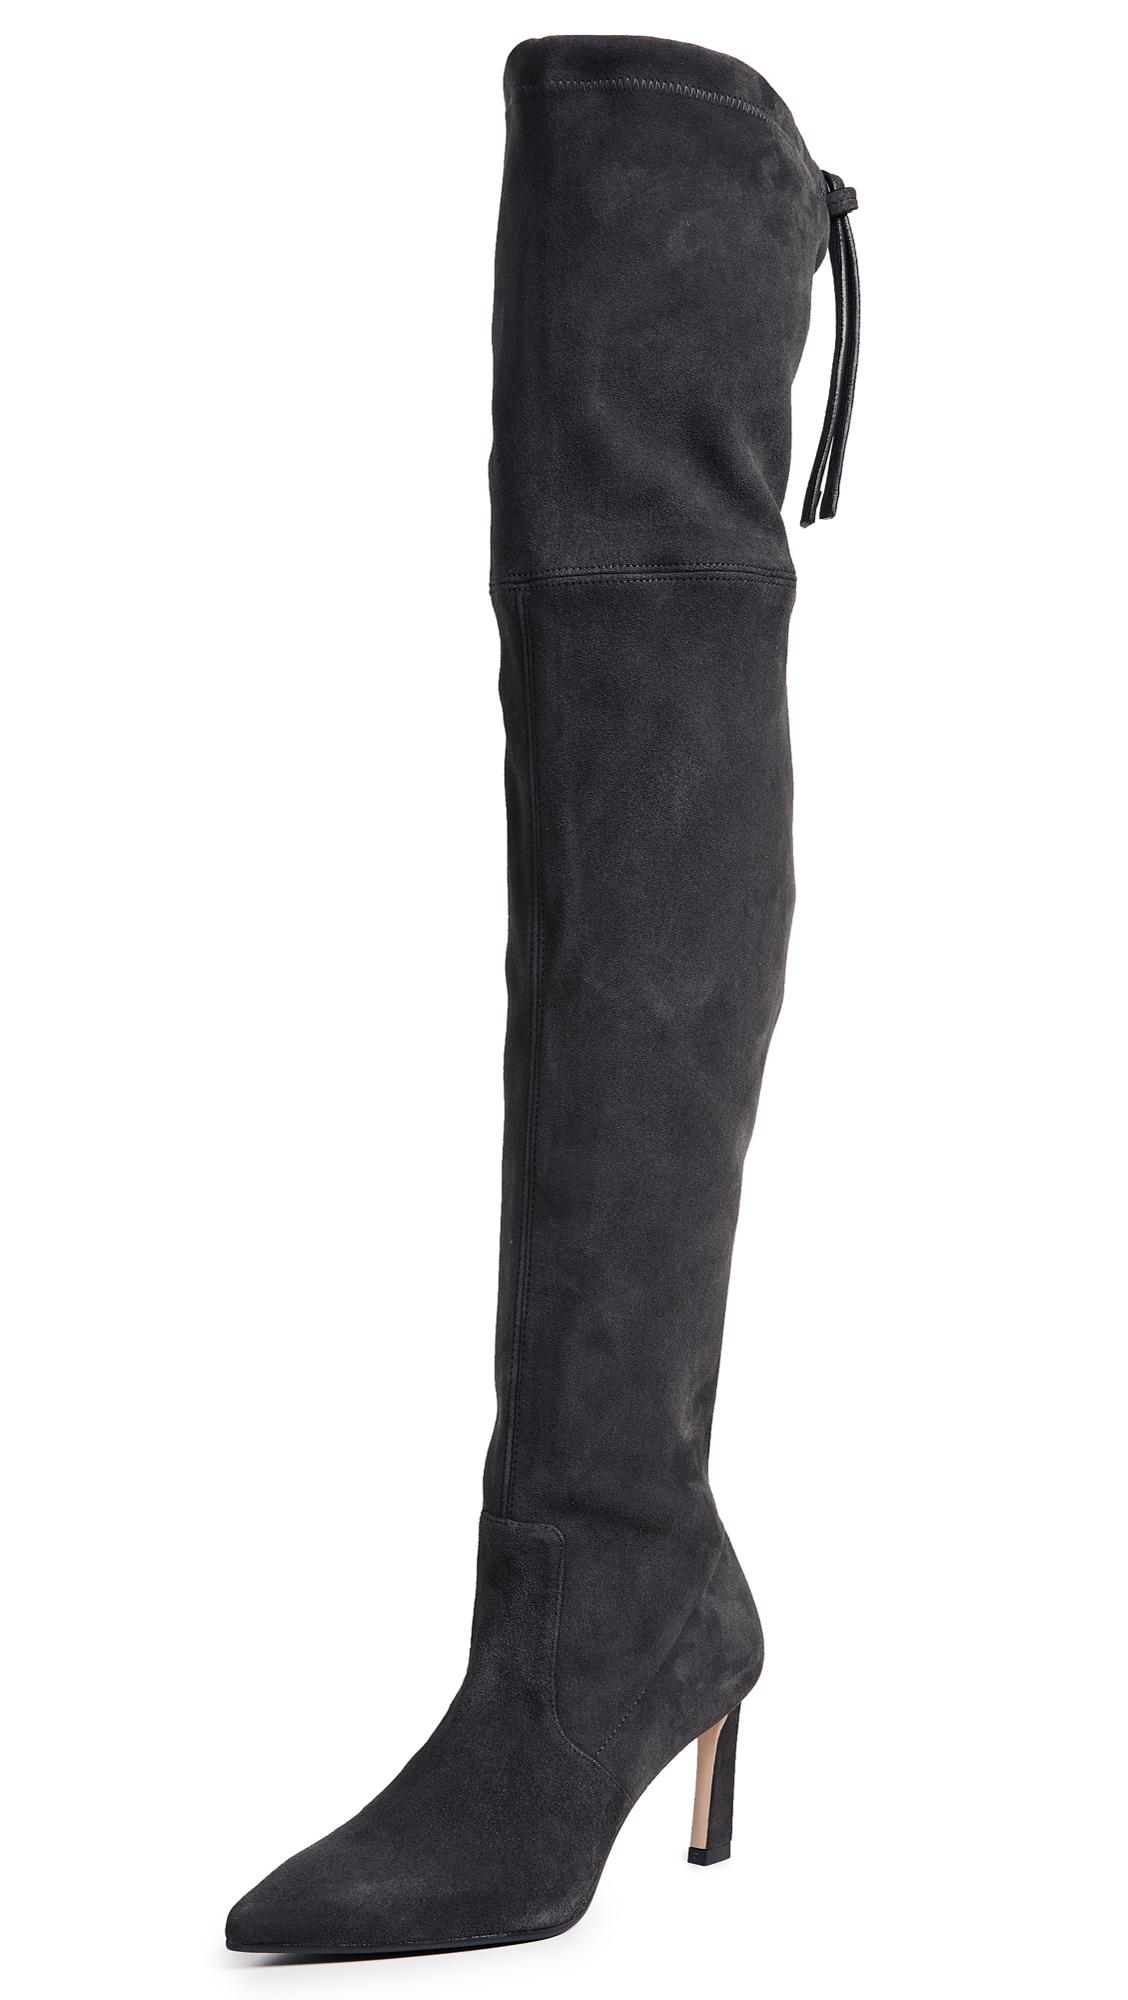 Stuart Weitzman Natalia 75mm Boots - Asphalt